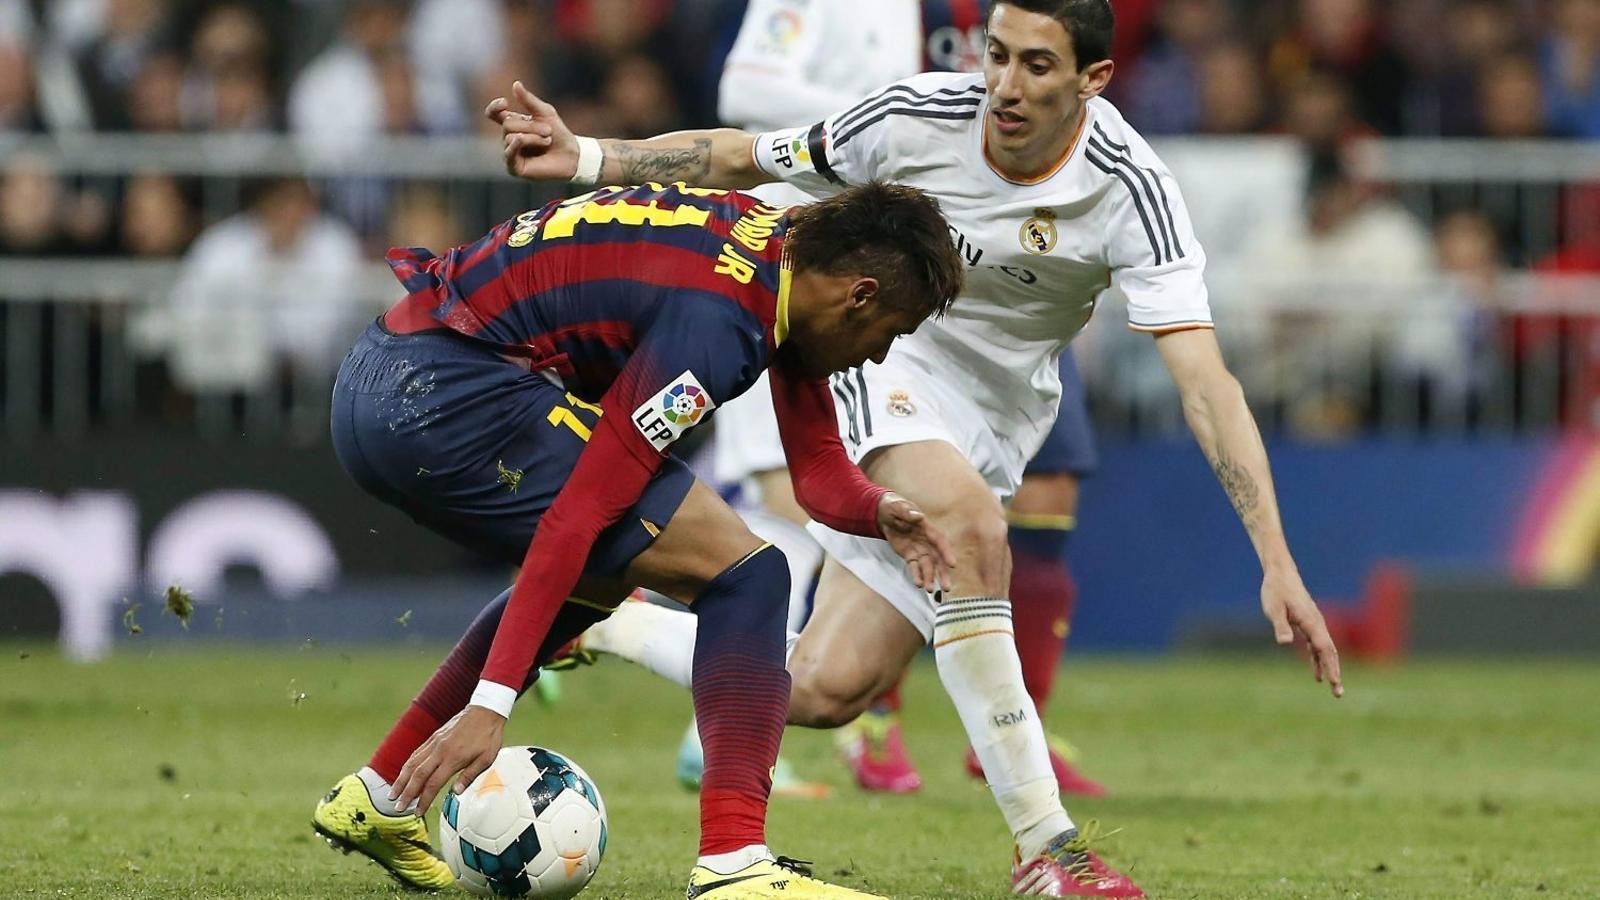 Di Maria, quan jugava al Madrid, defensant el blaugrana Neymar.